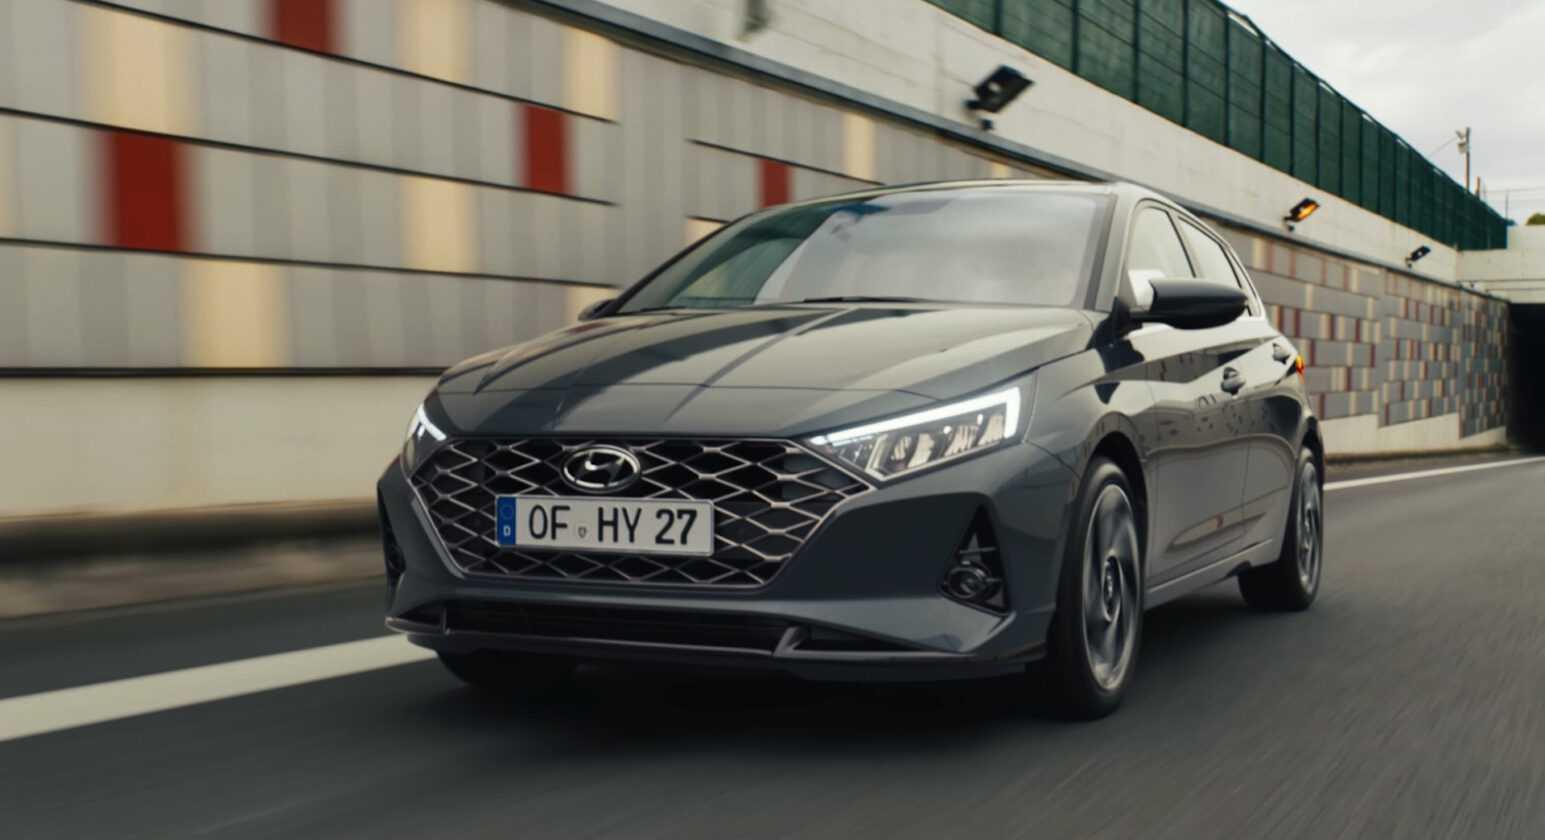 La Nouvelle Hyundai I20 Arrive En Janvier Uniquement Avec Des